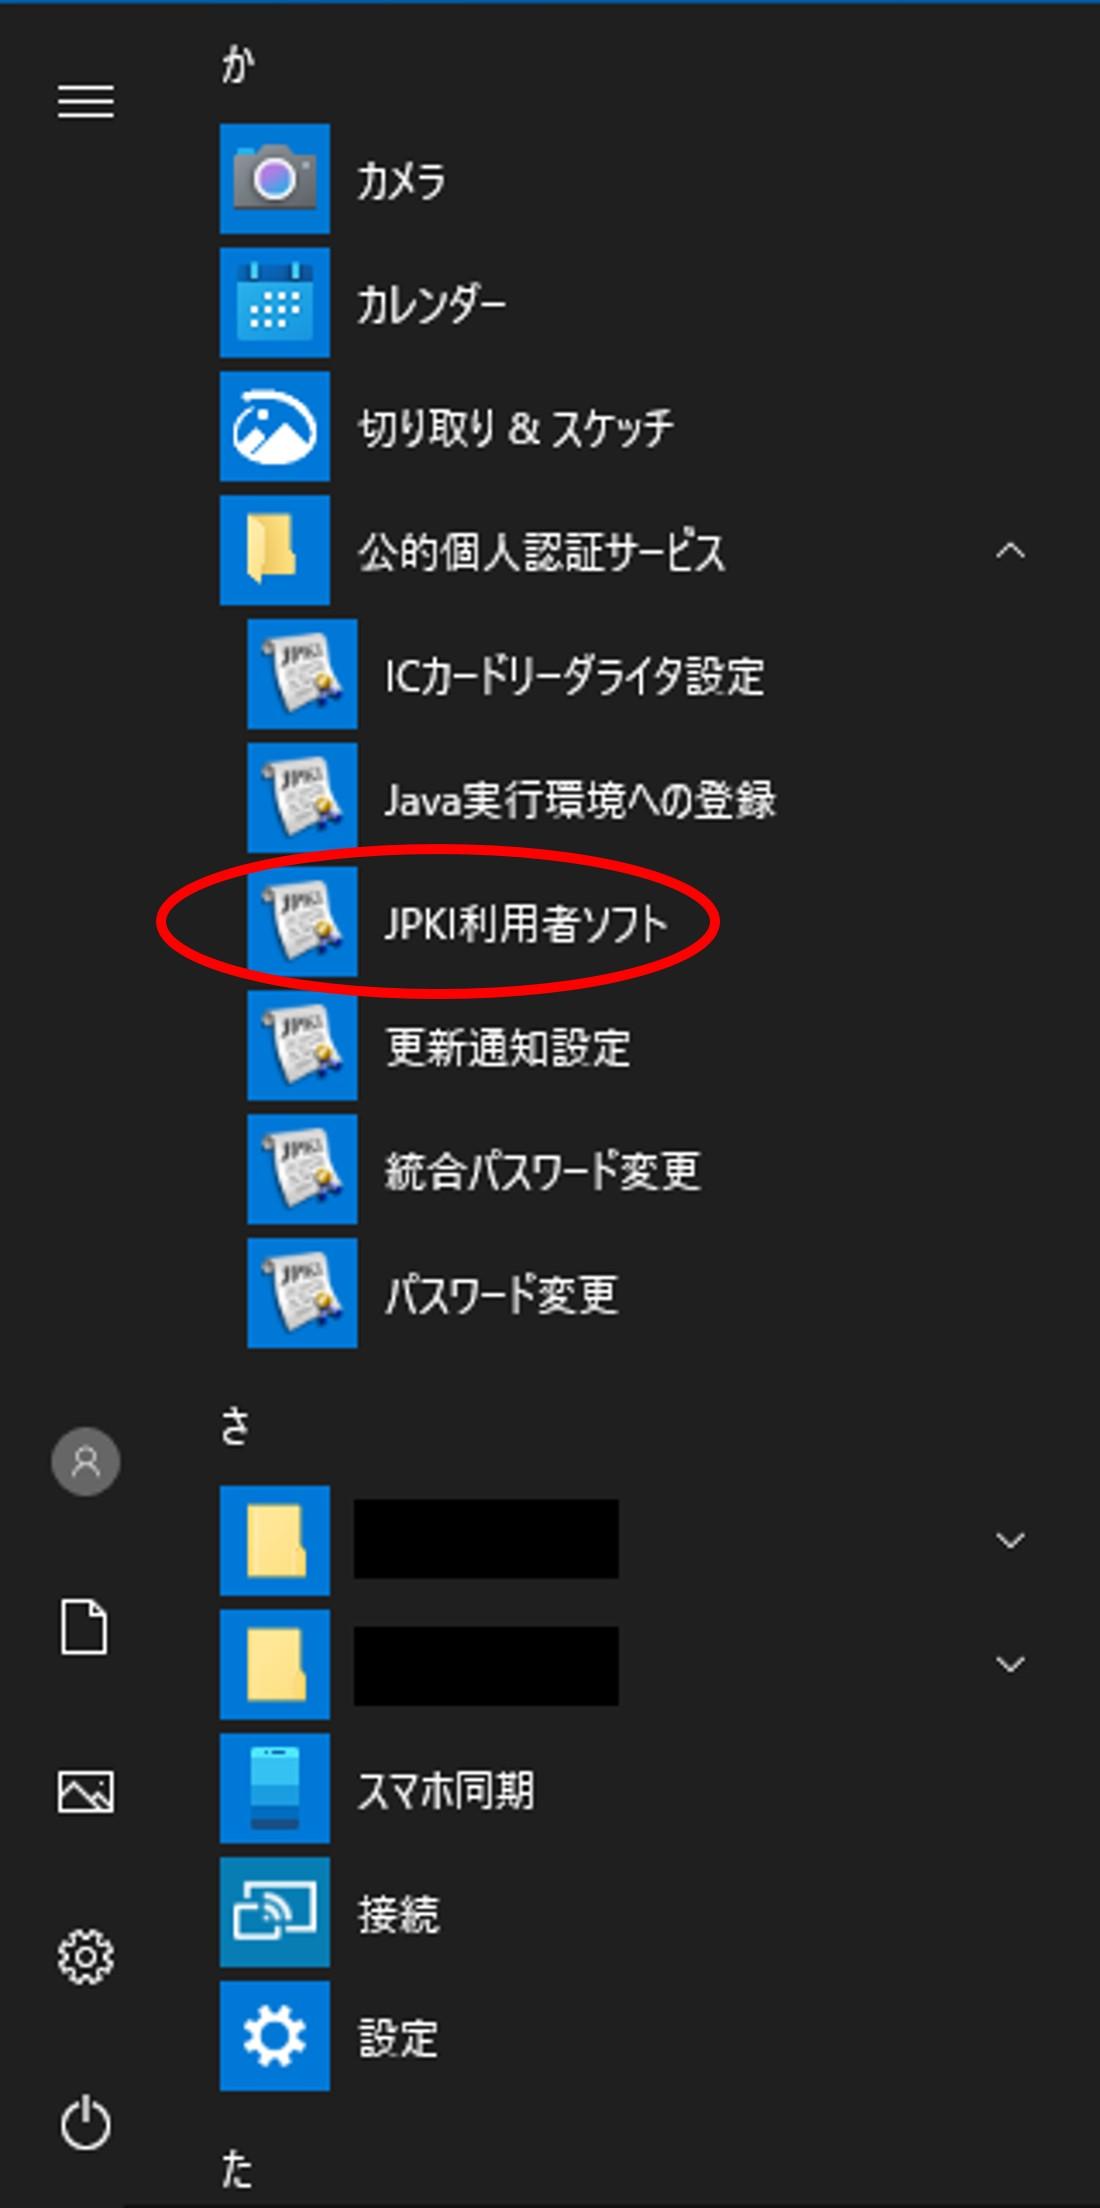 クライアント ソフト 者 利用